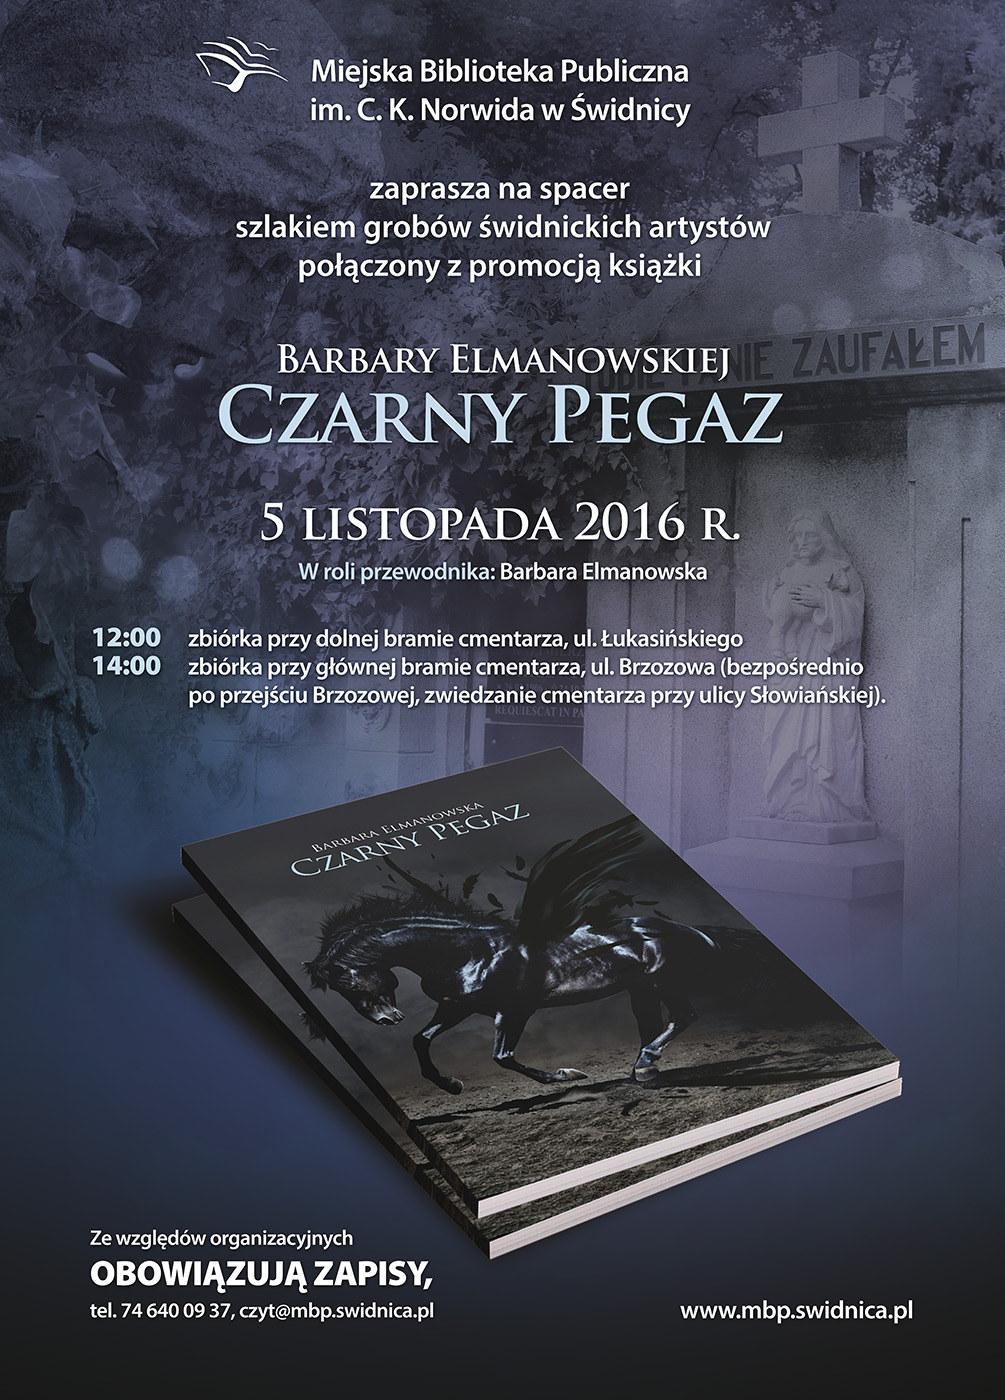 mbp_czarny-pegaz_plakat_50x70_2016-10-26